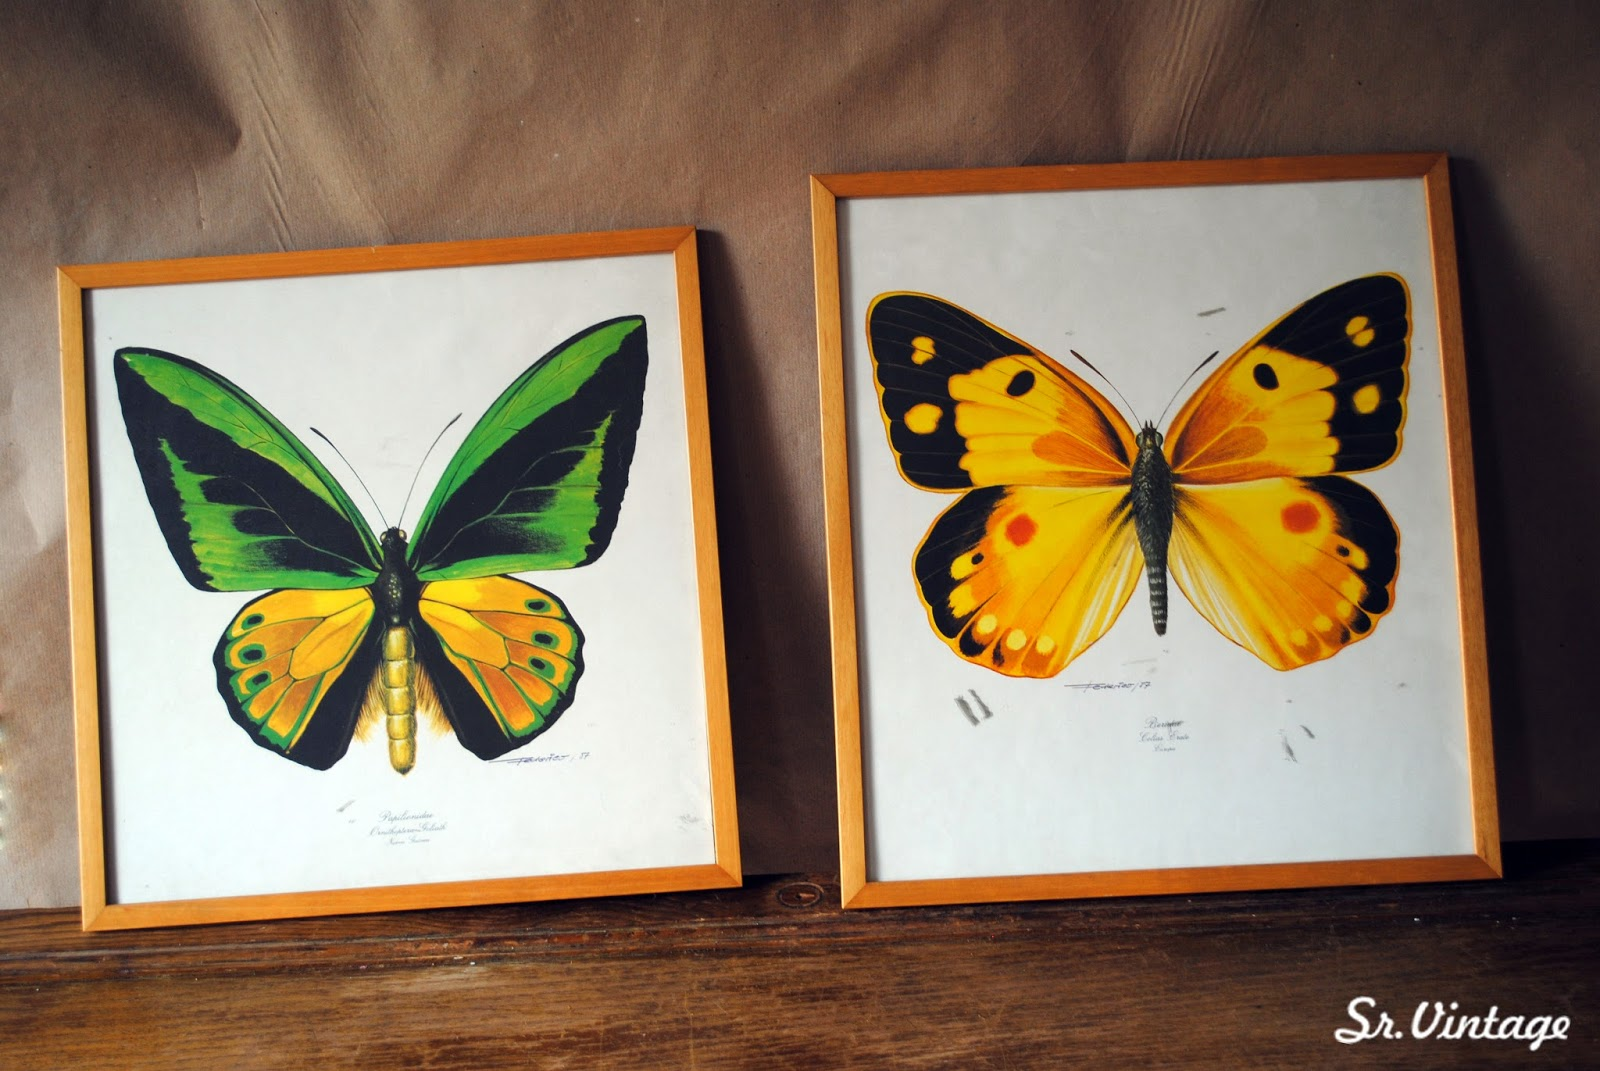 Lujoso Imágenes De La Mariposa Enmarcados Bosquejo - Ideas ...